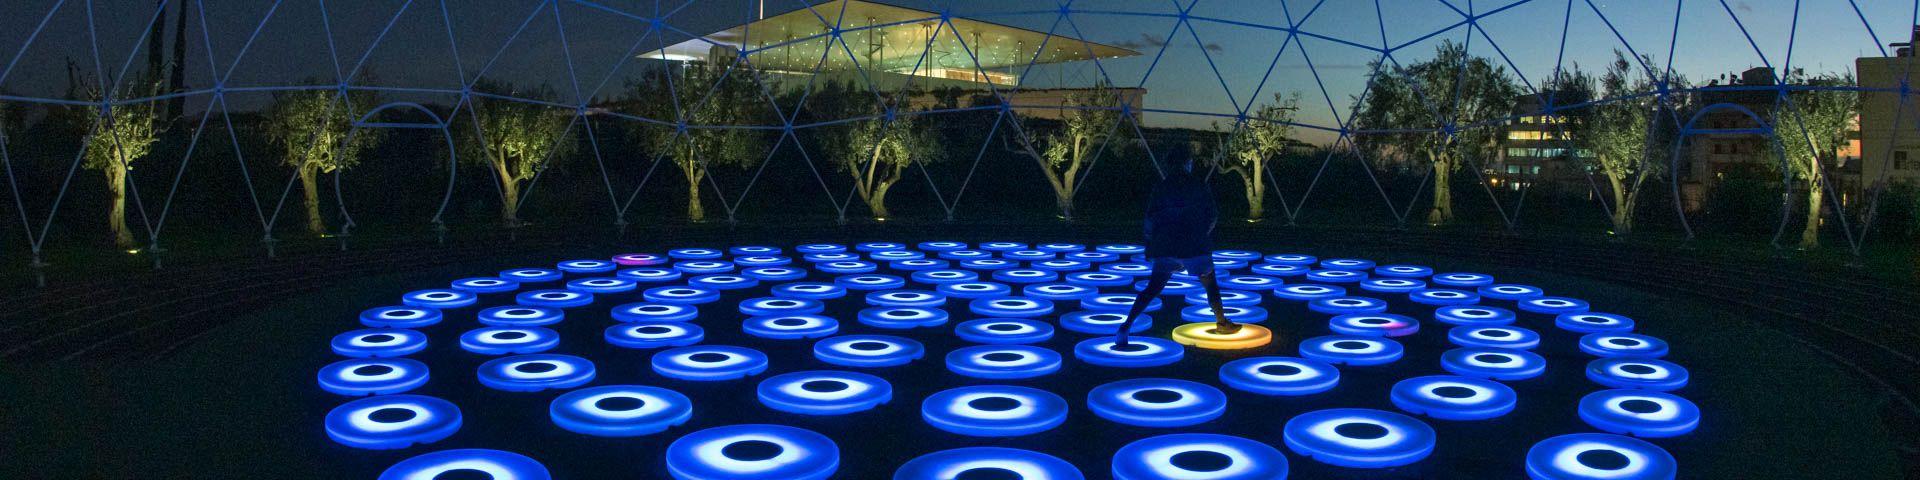 Φωτογραφία από τη φωτεινή εγκατάσταση The Pool στο Πάρκο Σταύρος Νιάρχος